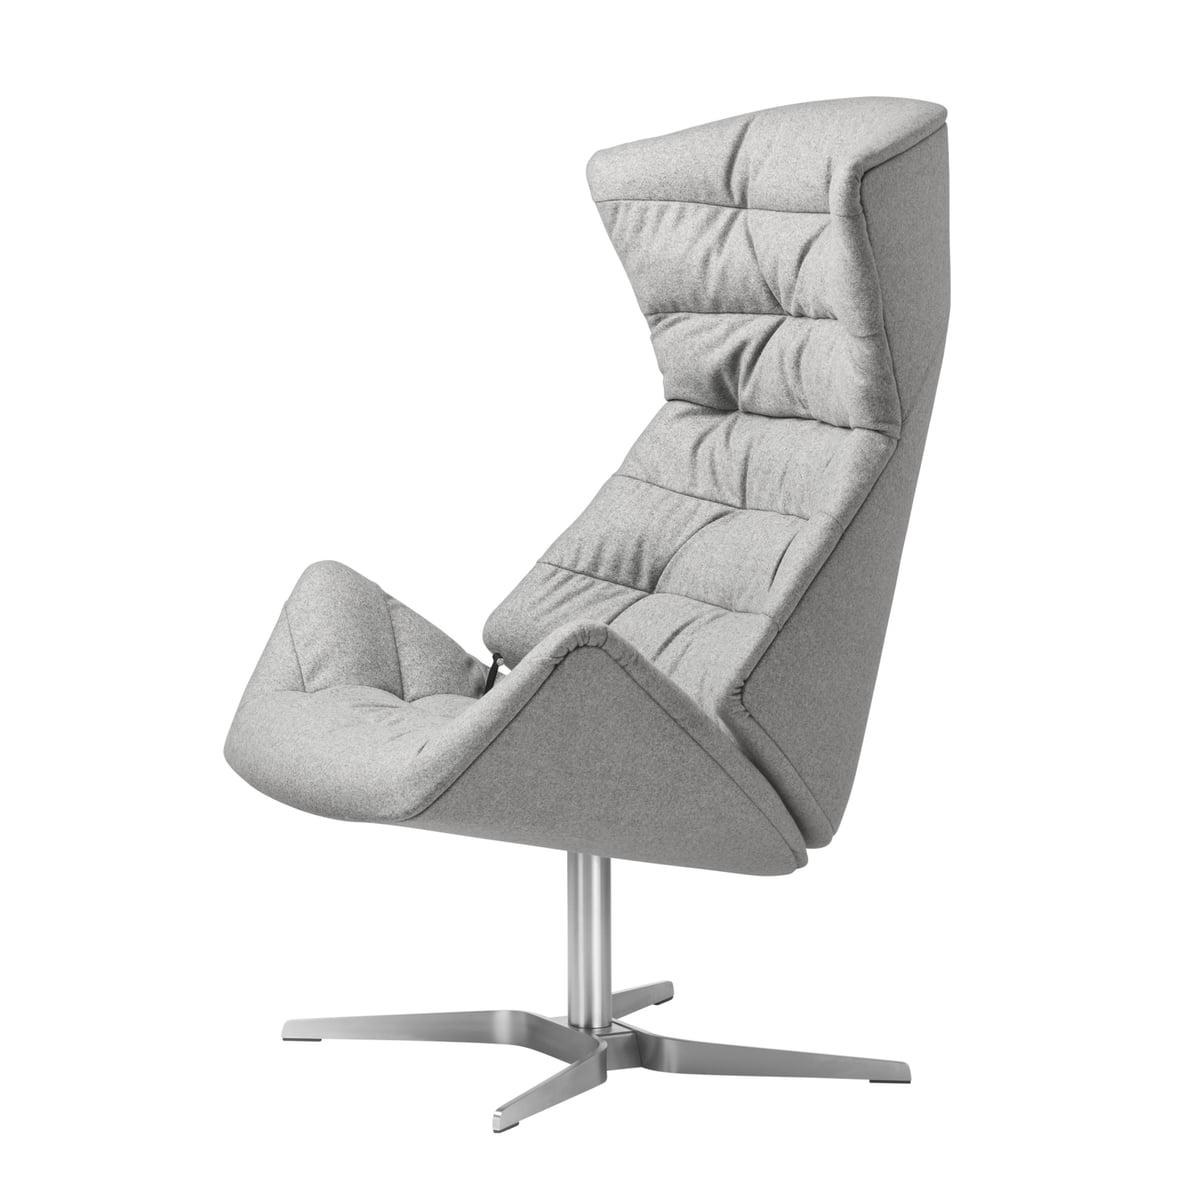 Thonet - Fauteuil Lounge 808, structure en acier inoxydable / gris (Bergen 905)